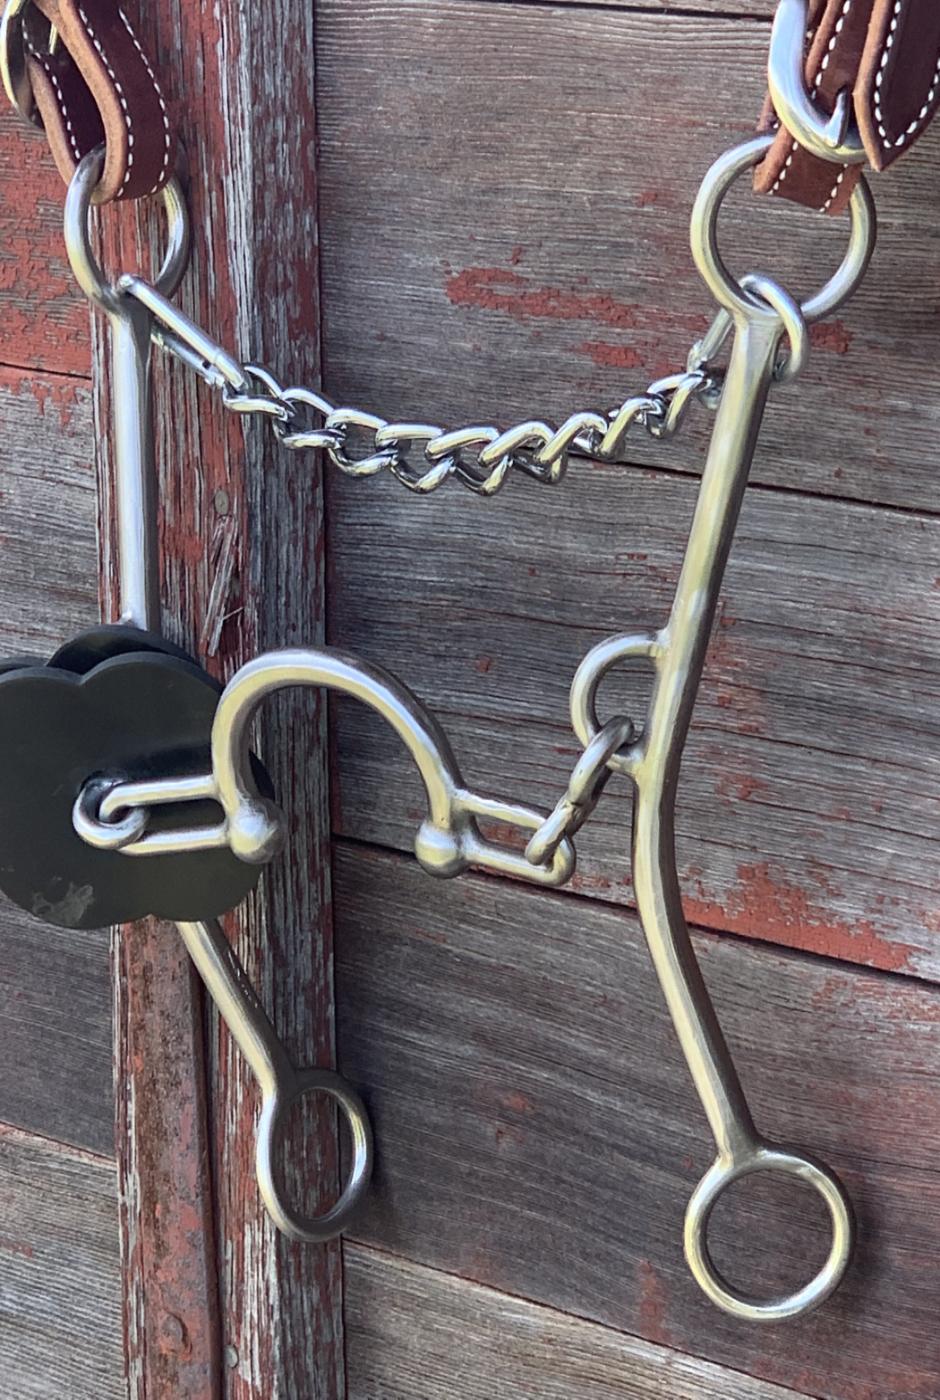 Hemi Ported Chain